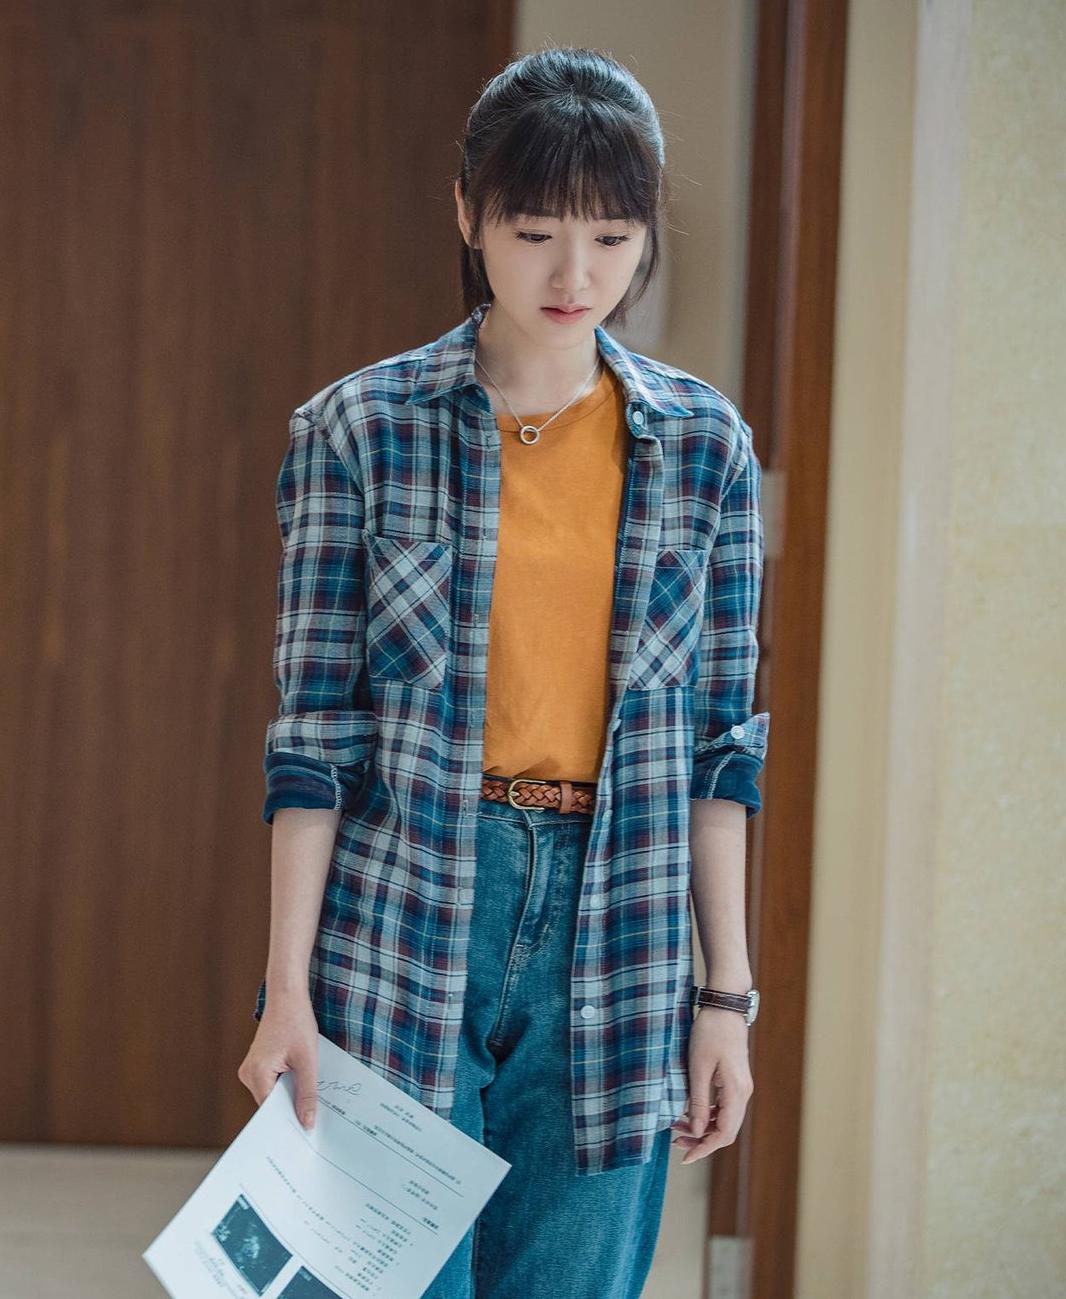 Cách layer áo sơ mi và áo thun giúp cô trông như nữ sinh viên thay vì gái có chồng.